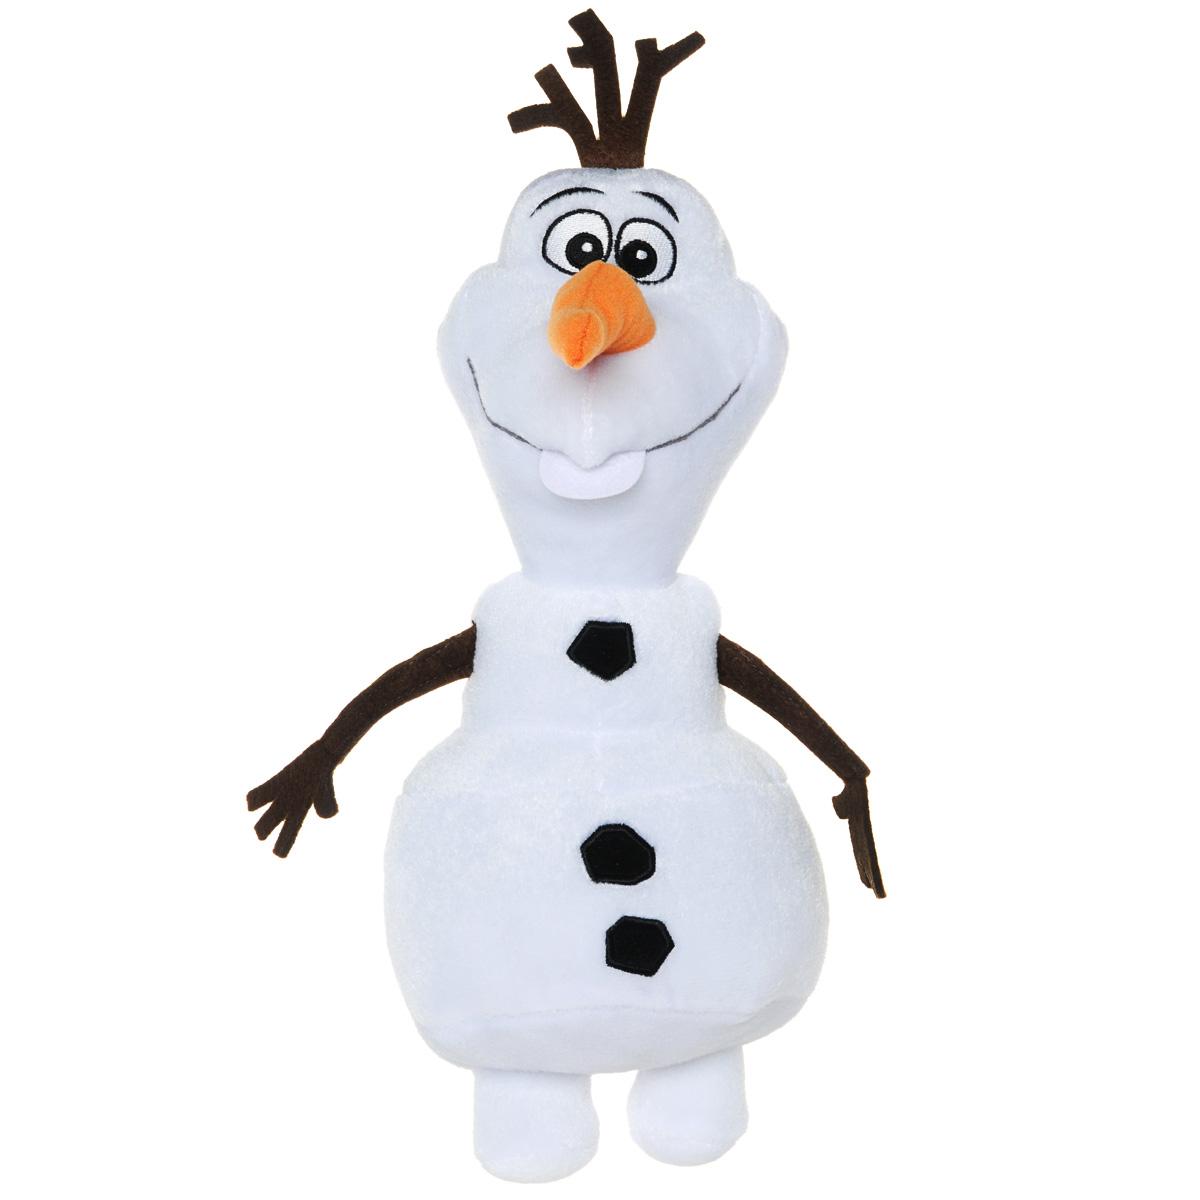 Мягкая игрушка Disney Снеговик Олаф, 25 см1300336Мягкая игрушка Disney Снеговик Олаф станет любимой игрушкой вашего ребенка. Она выполнена в виде Олафа - добродушного снеговика из мультфильма Холодное сердце от компании Дисней. Игрушка удивительно приятна на ощупь. Она изготовлена из мягкого текстильного материала, глазки вышиты нитками, ручки и макушка снеговика выполнены из фетра. Чудесная мягкая игрушка принесет радость и подарит своему обладателю мгновения нежных объятий и приятных воспоминаний.